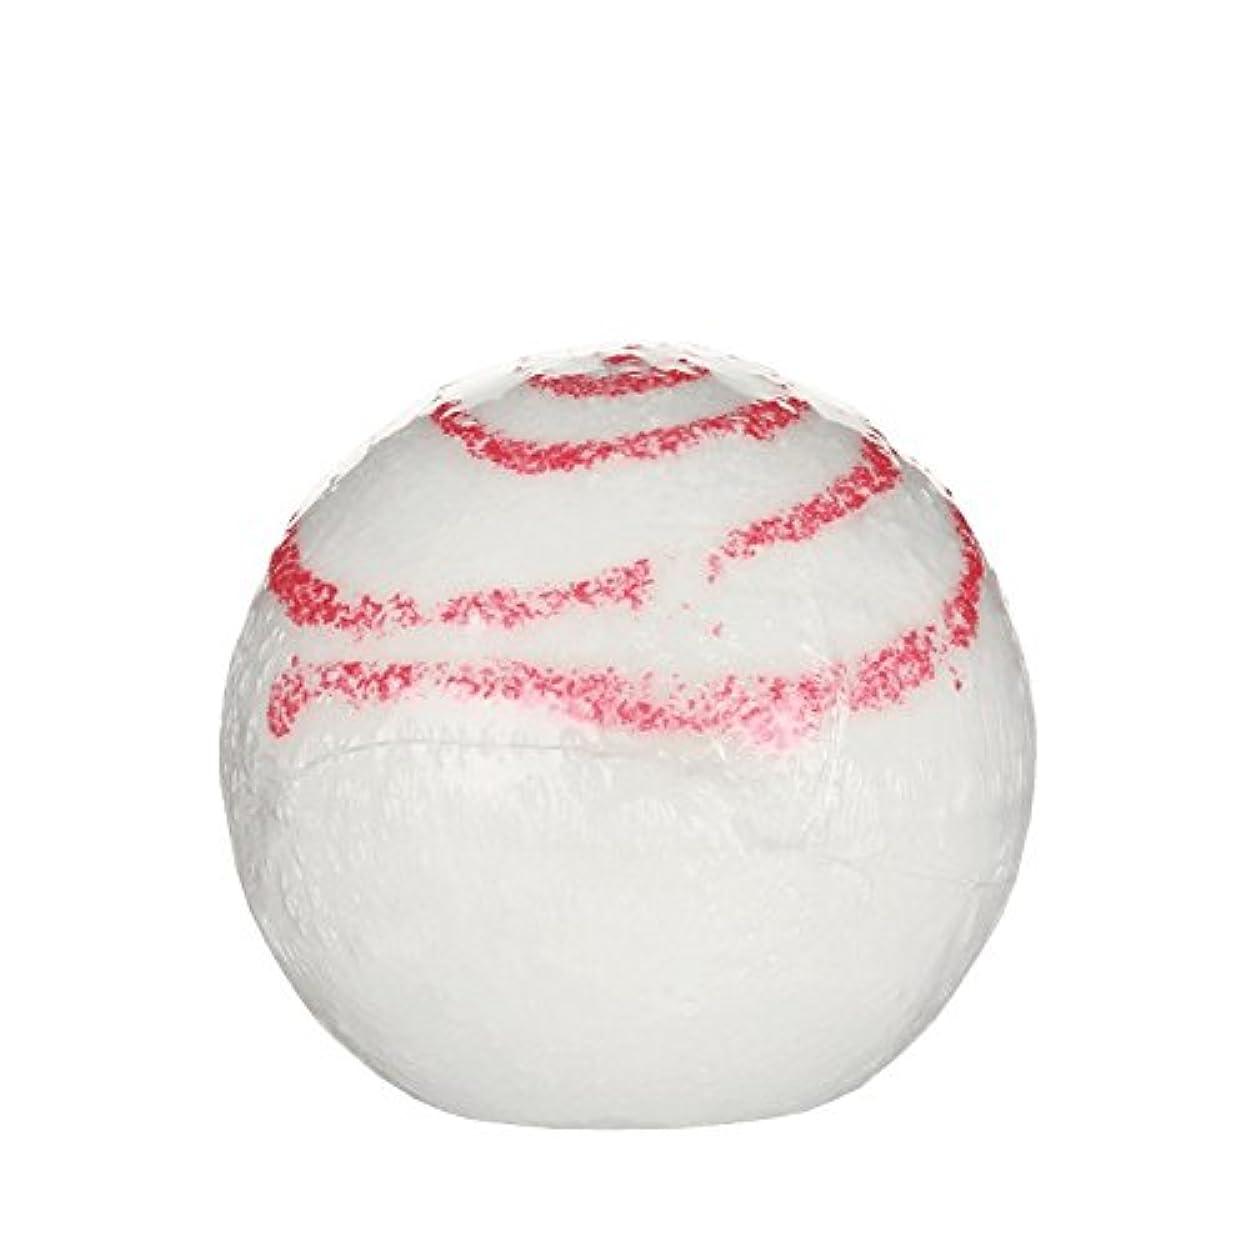 占めるどんなときも嬉しいですTreets Bath Ball Glitter Kiss 170g (Pack of 6) - Treetsバスボールグリッターキス170グラム (x6) [並行輸入品]